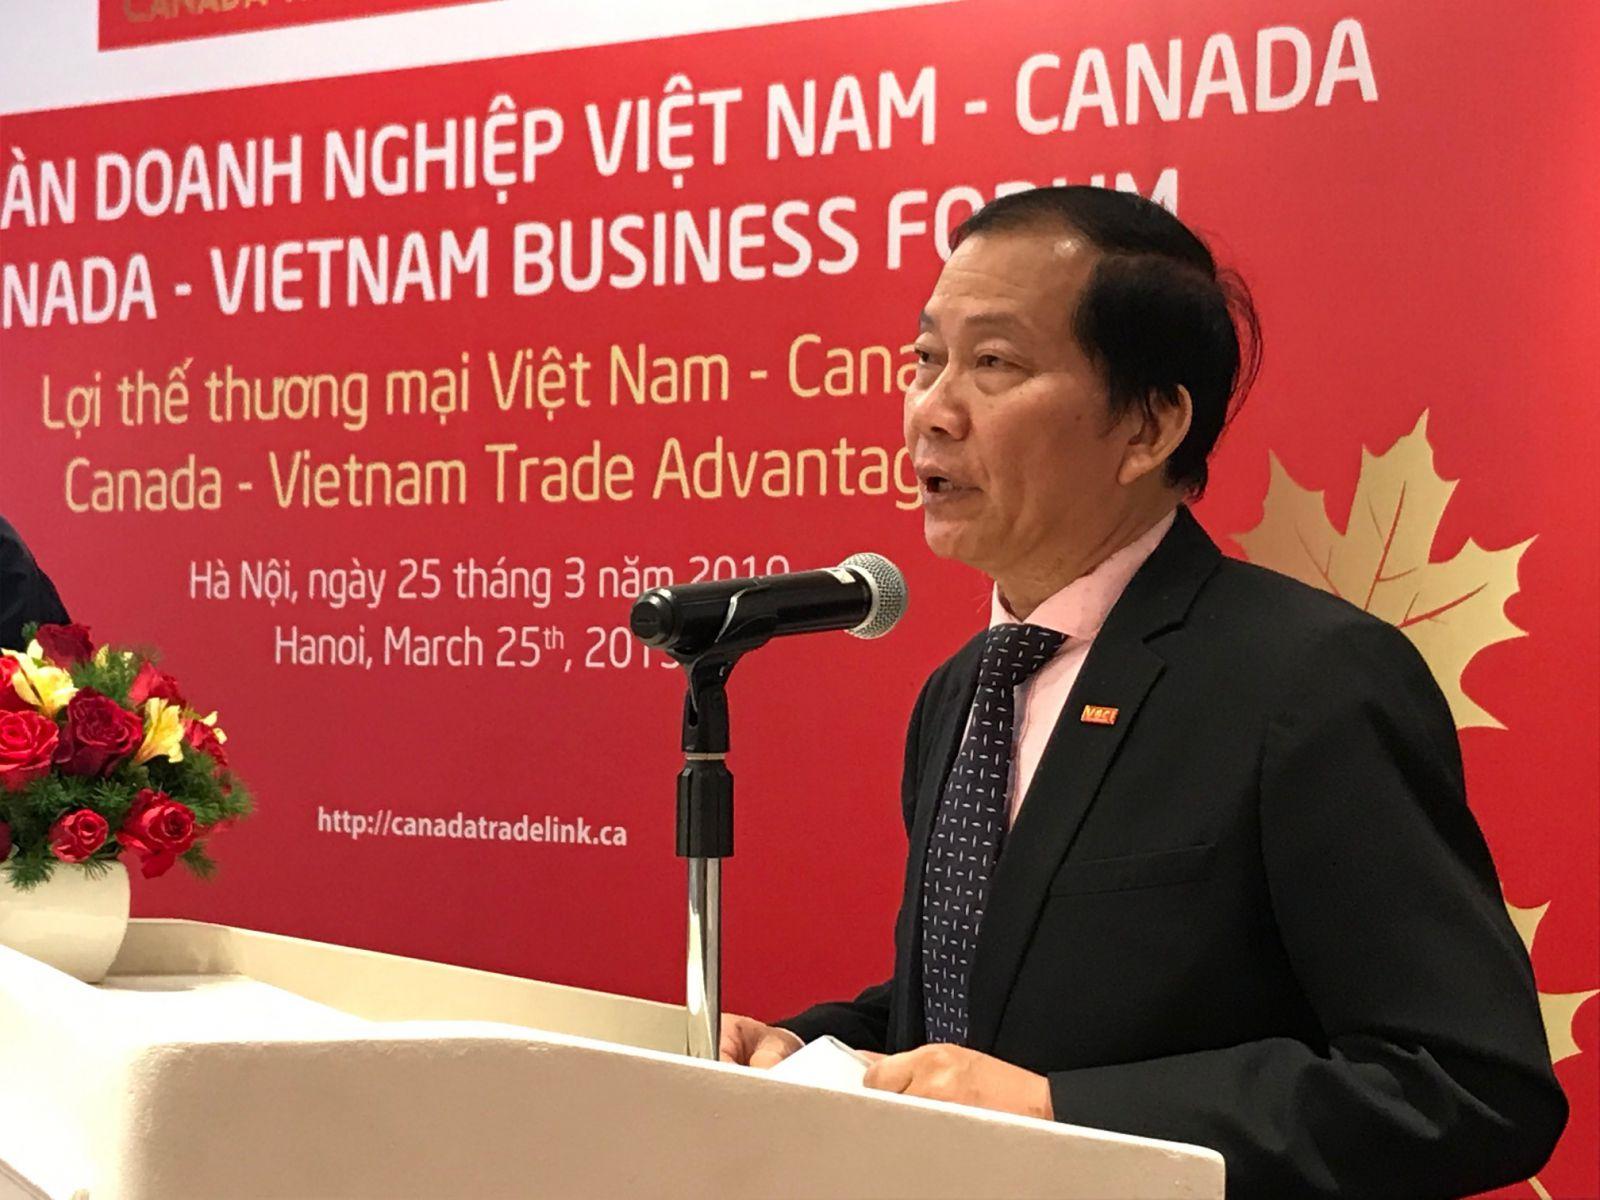 Doanh nghiệp Việt Nam - Canada: Tận dụng cơ hội từ CPTPP